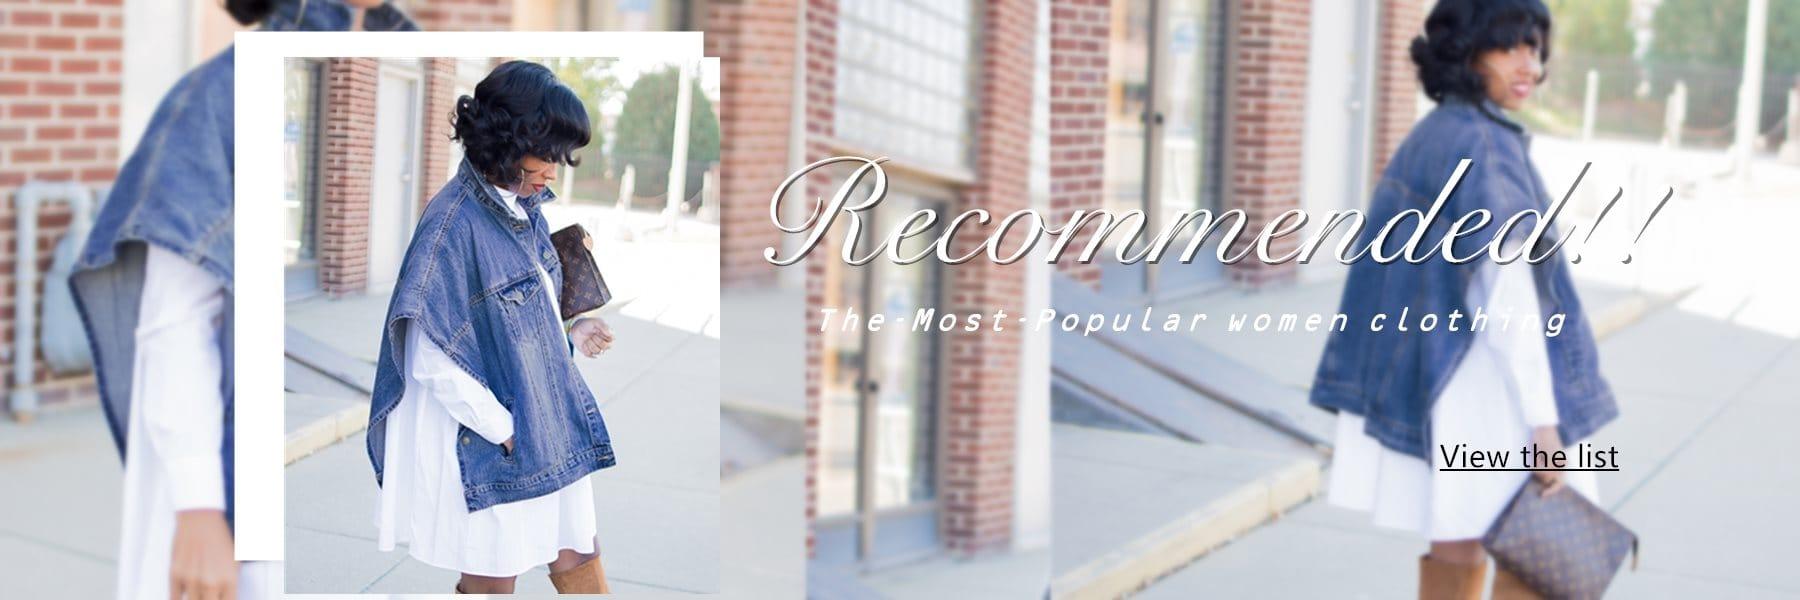 Wholesale Women Best-selling Styles